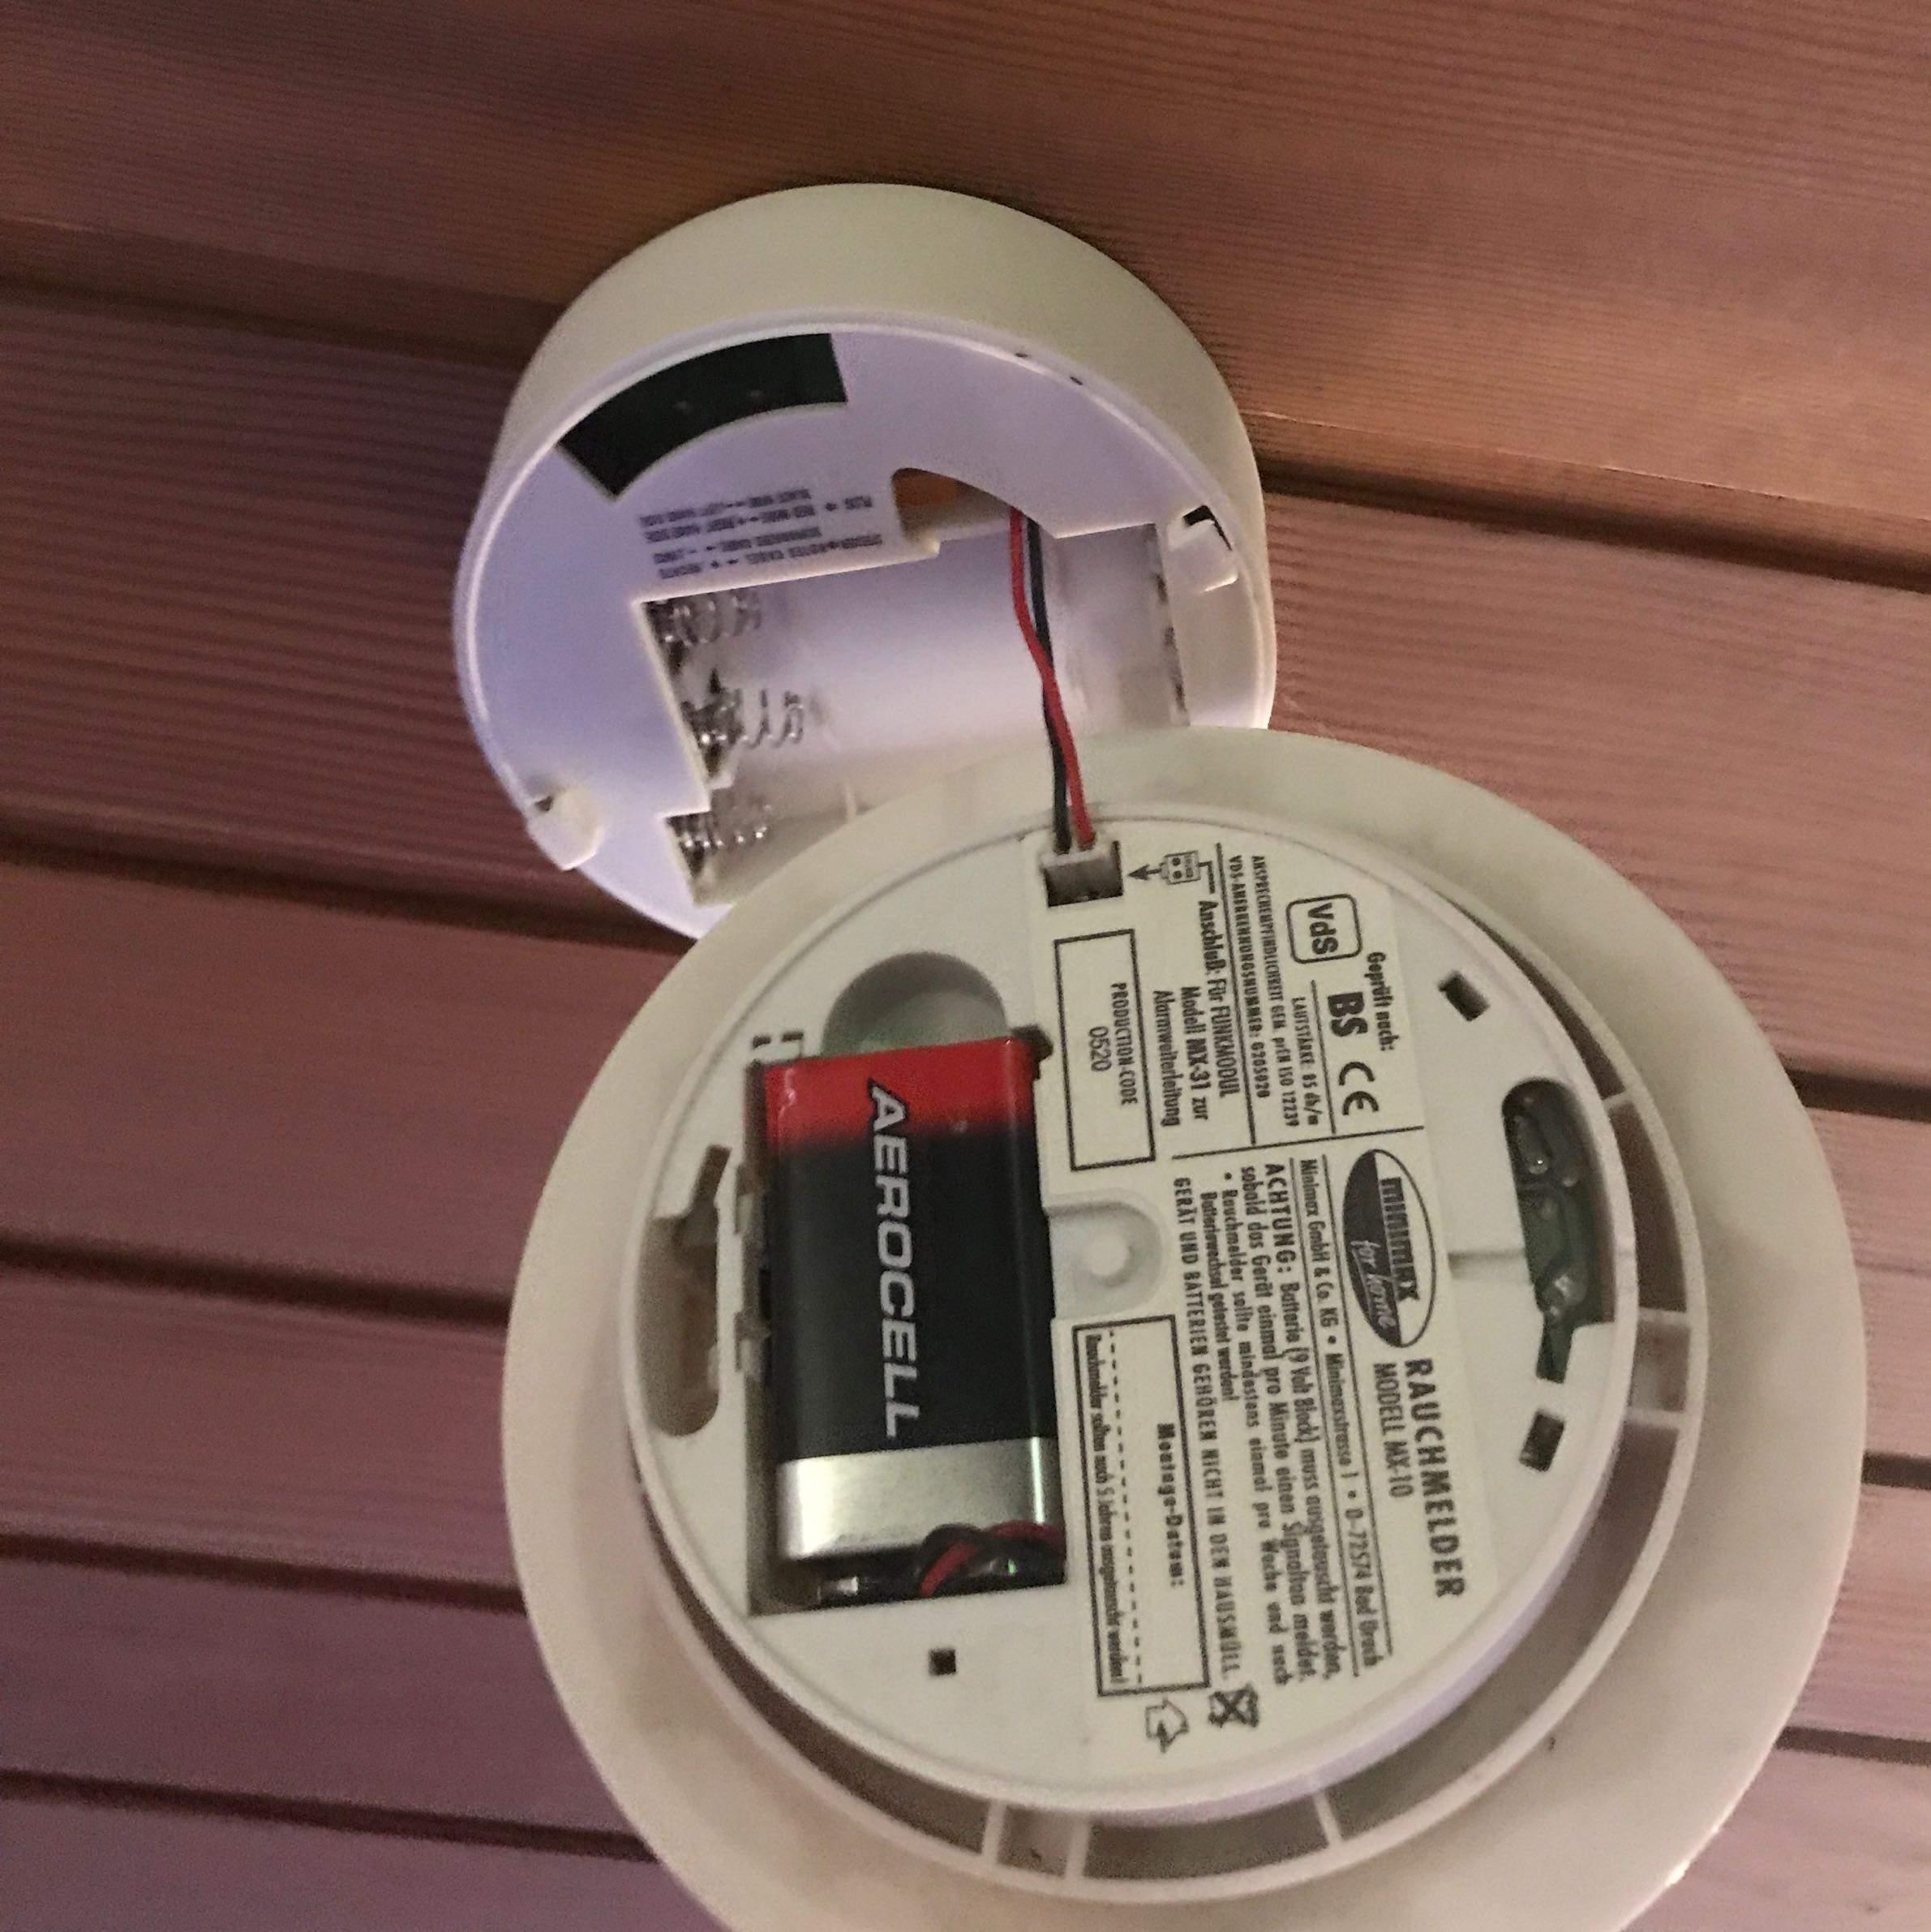 Batterie ista rauchmelder piept Rauchmelder bei